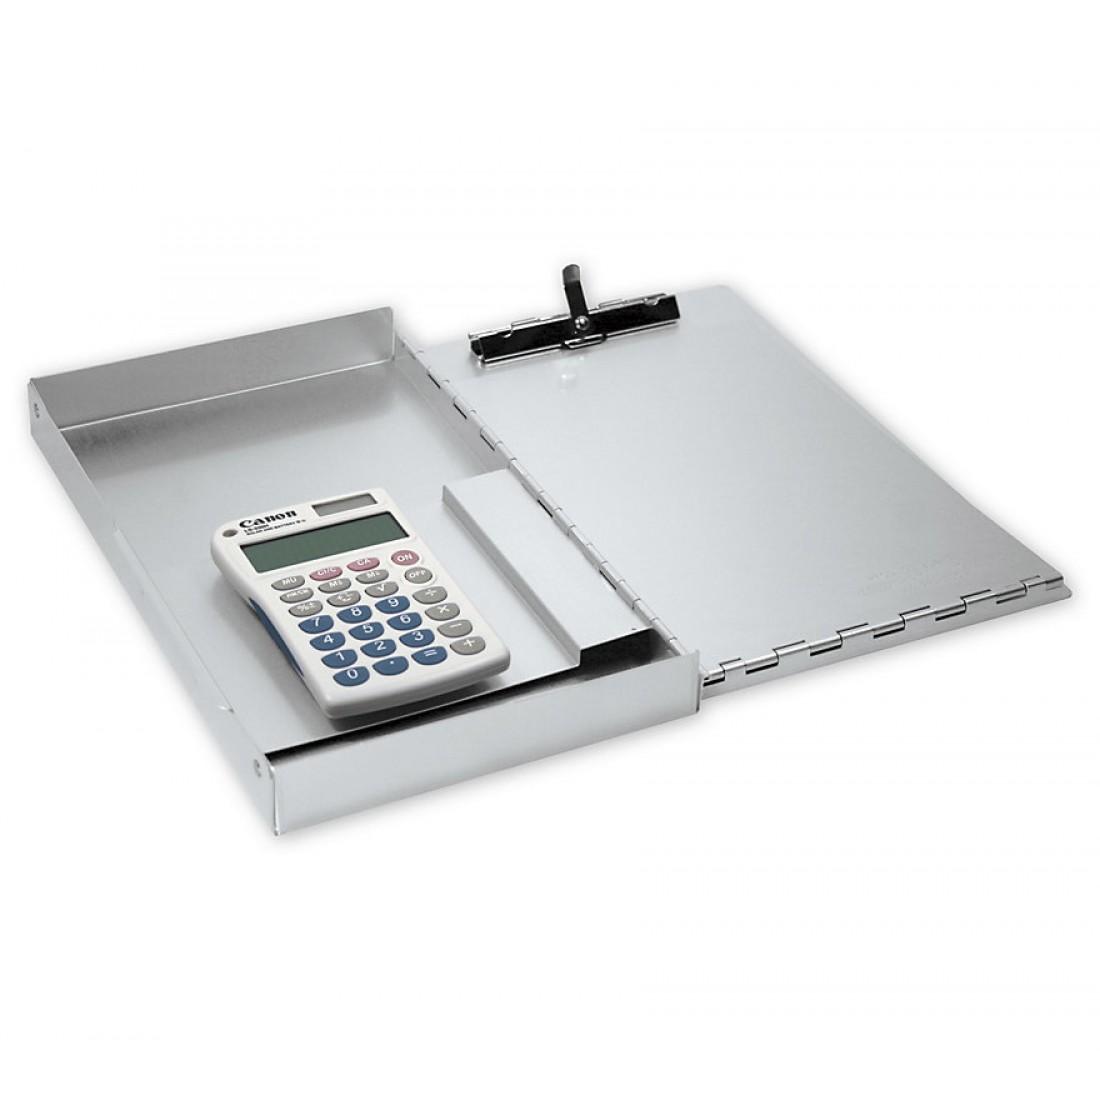 Small Desk With Calculator